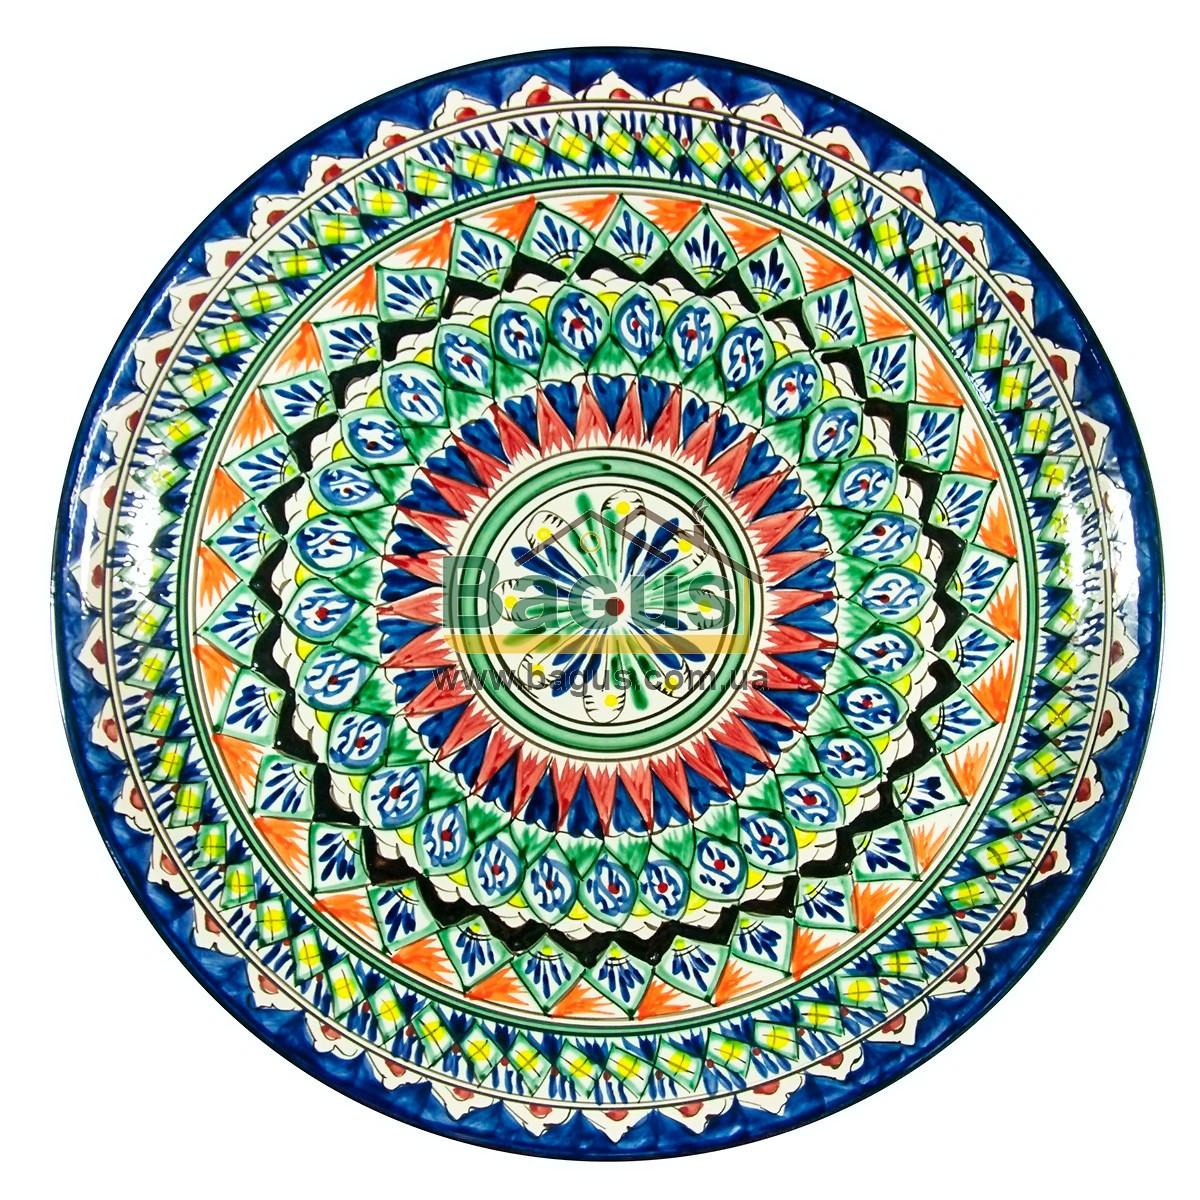 Ляган узбецький (тарілка узбецька) діаметр 37см ручна робота 3704-12